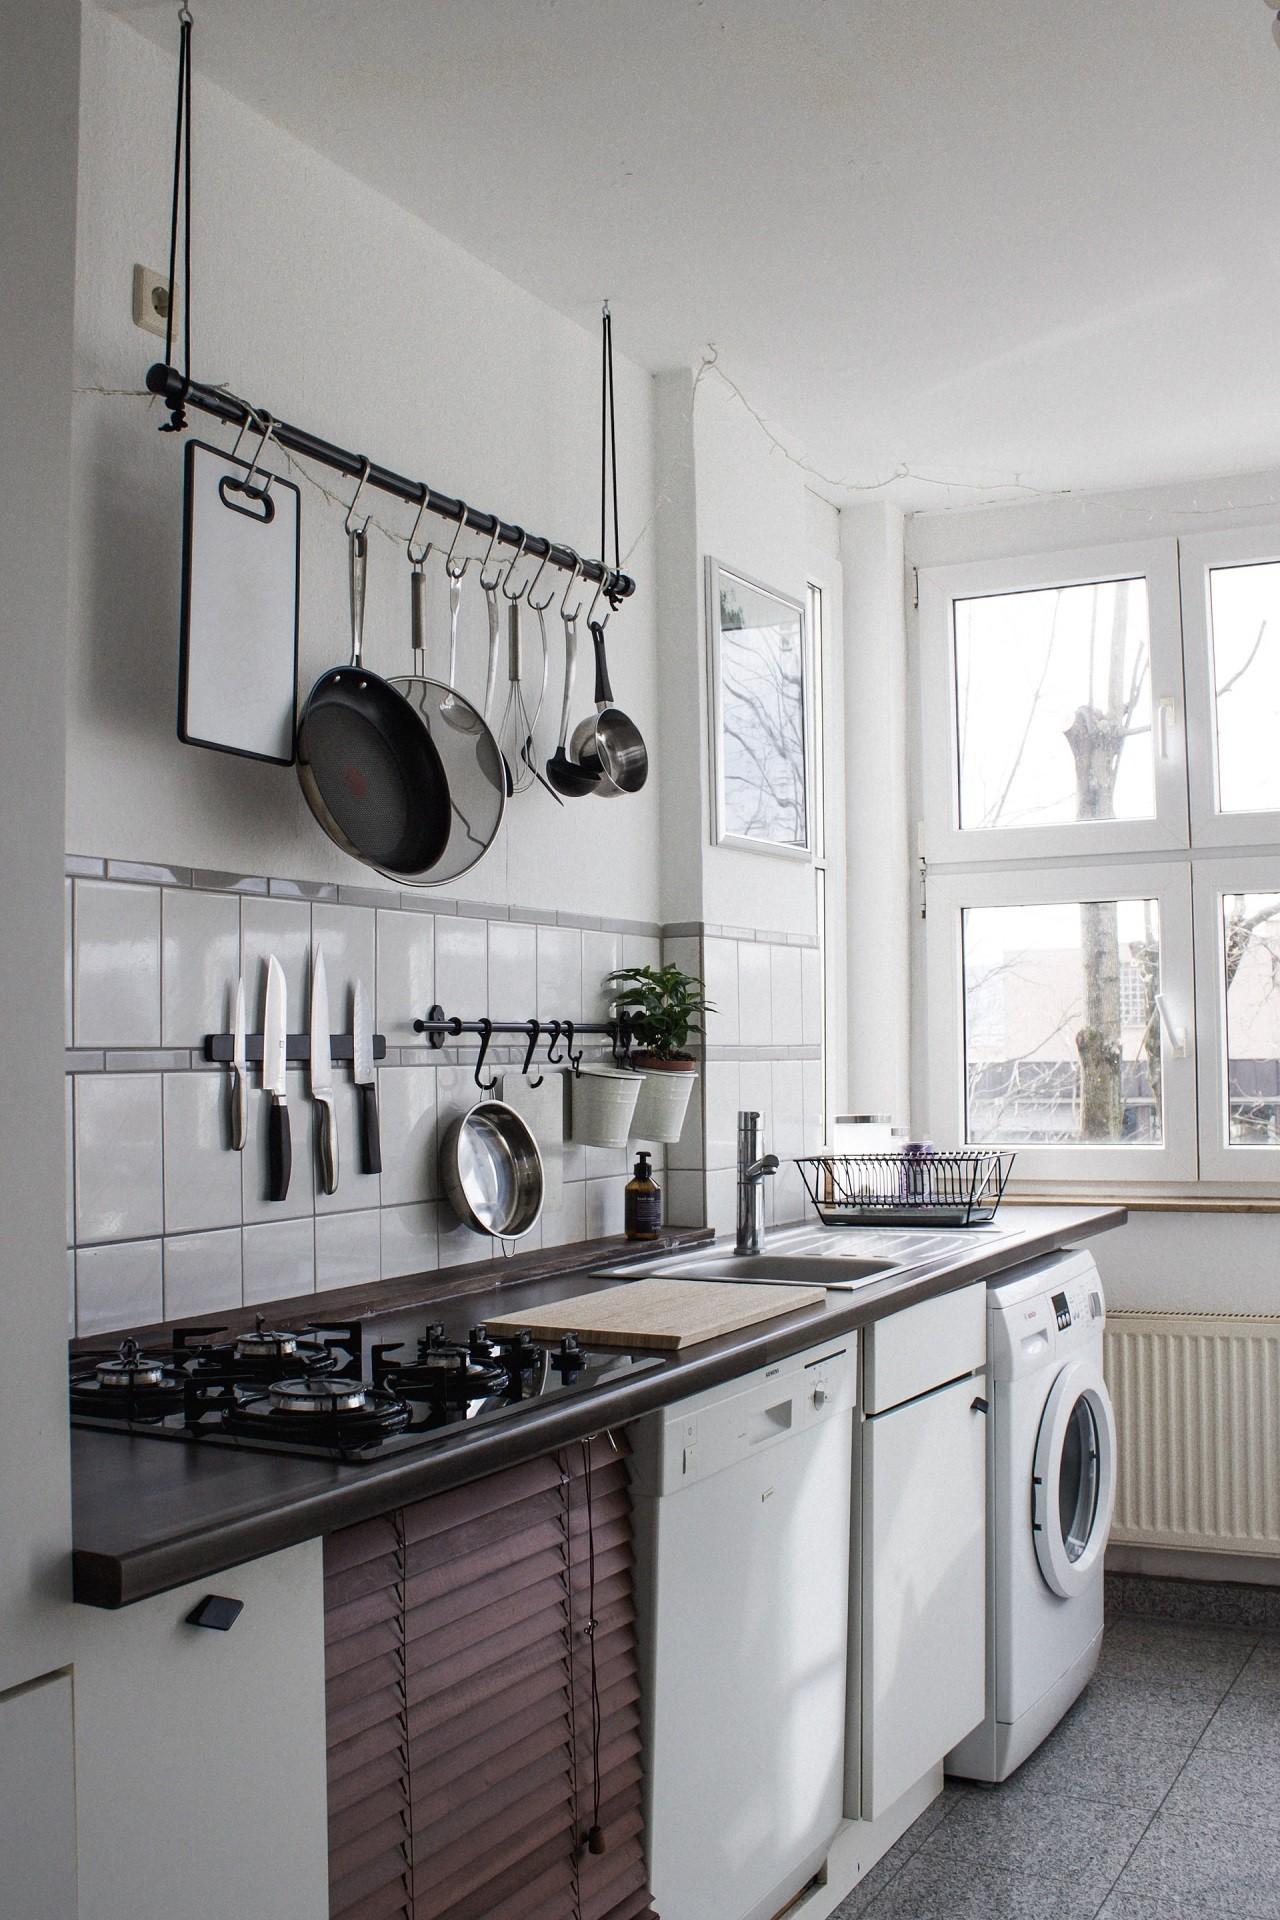 Freistehende Geschirrspüler sind einfach zu installieren und vergleichsweise günstig in der Anschaffung.